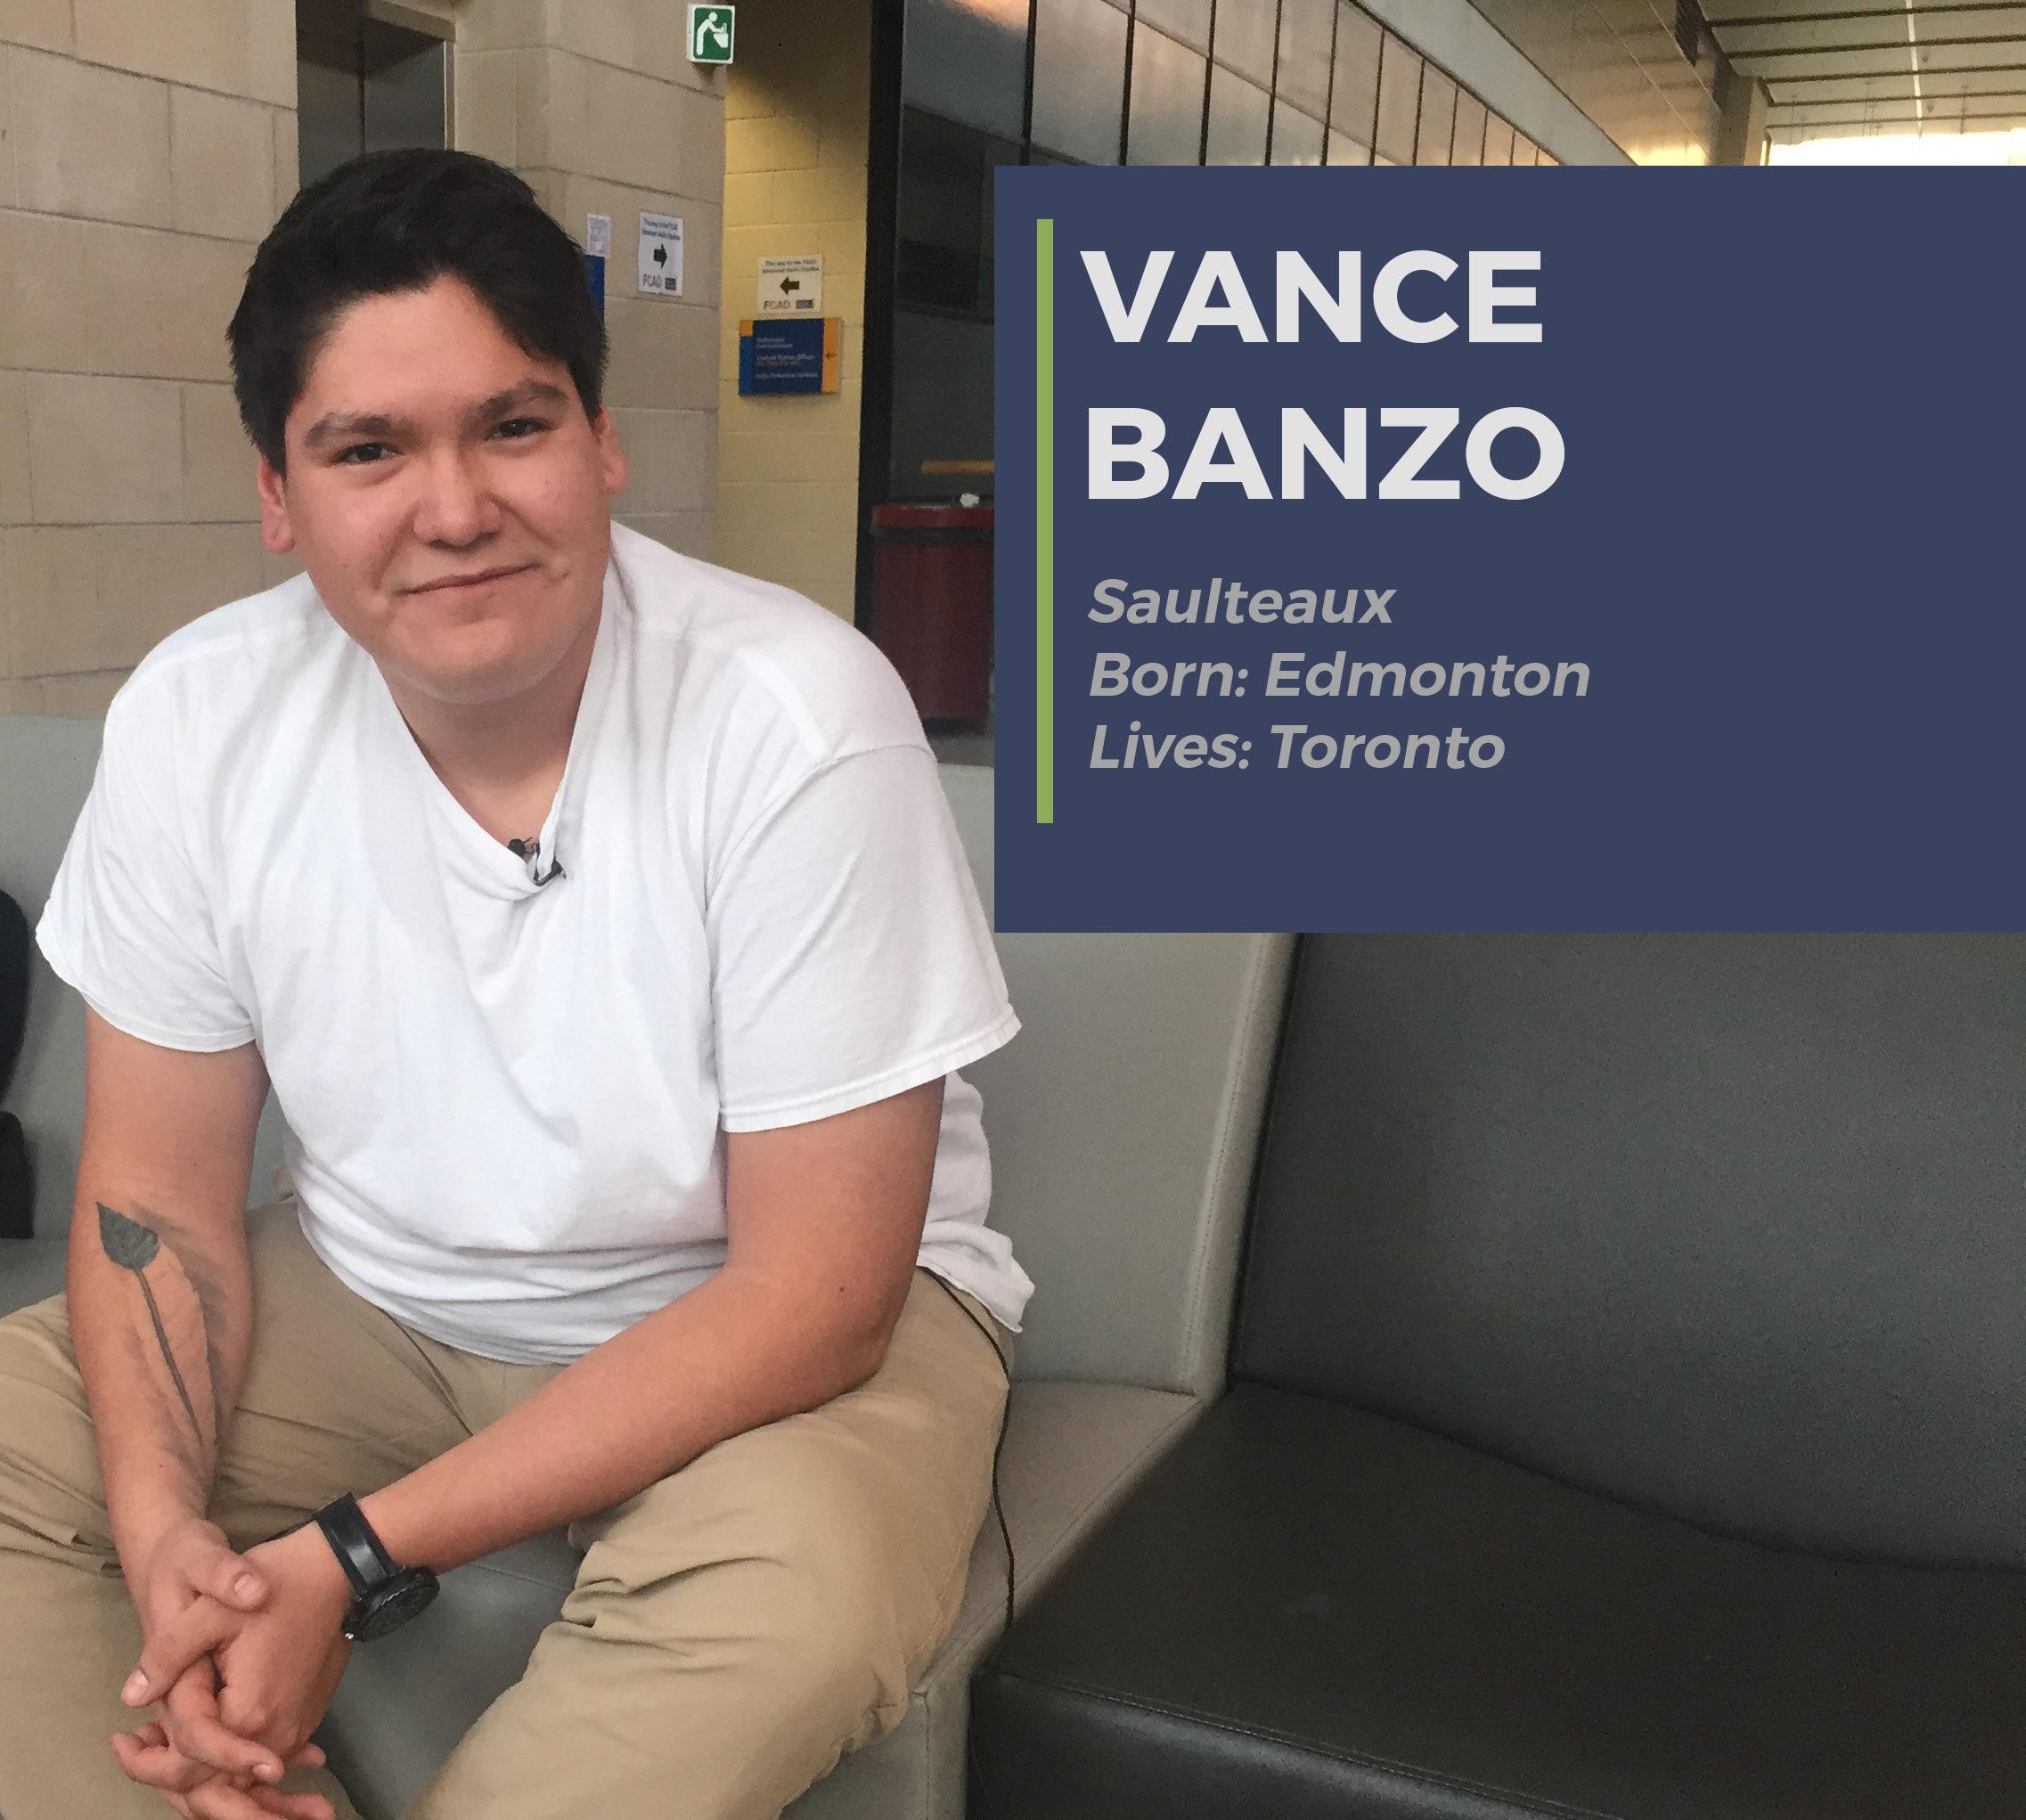 image of vance banzo